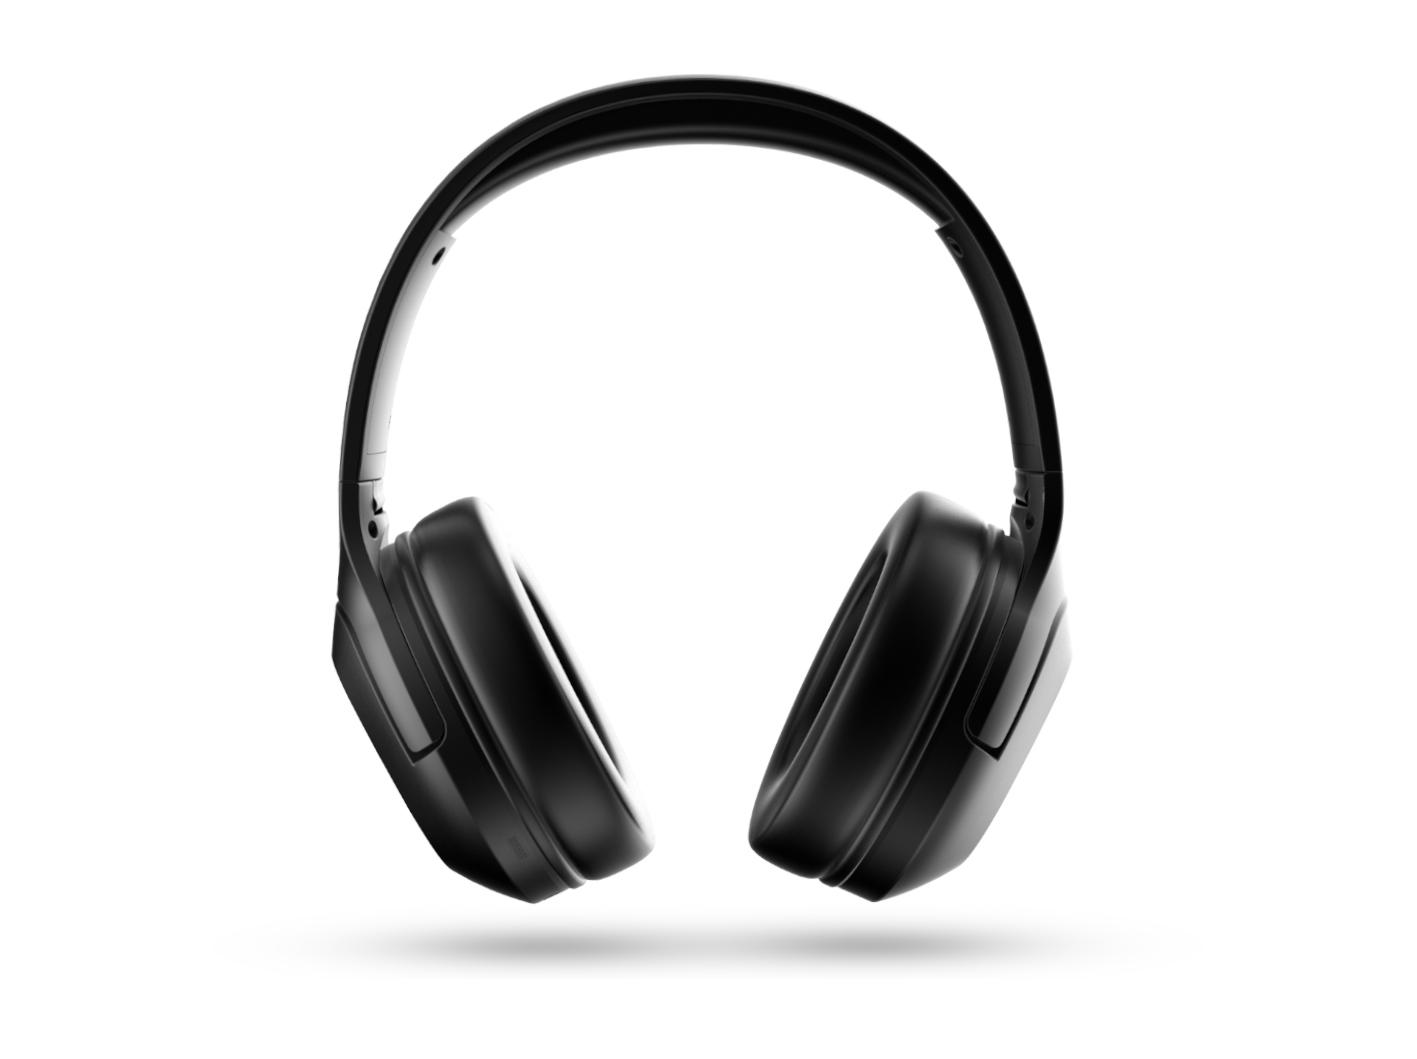 【免费试用】Dacom HF002头戴式蓝牙耳机